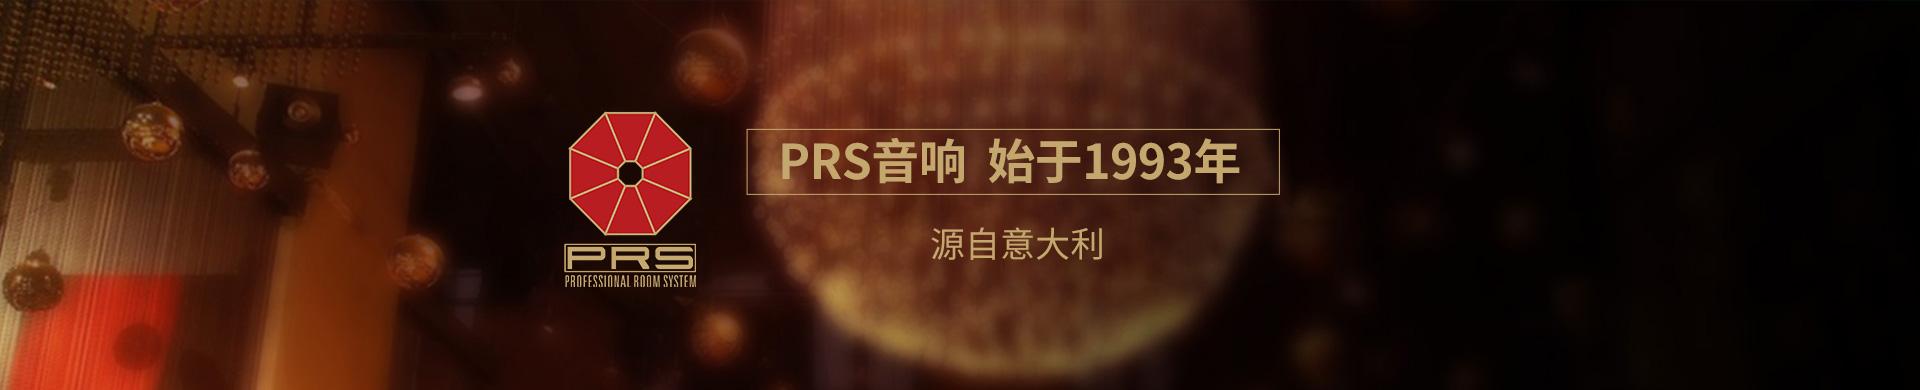 PRS音响